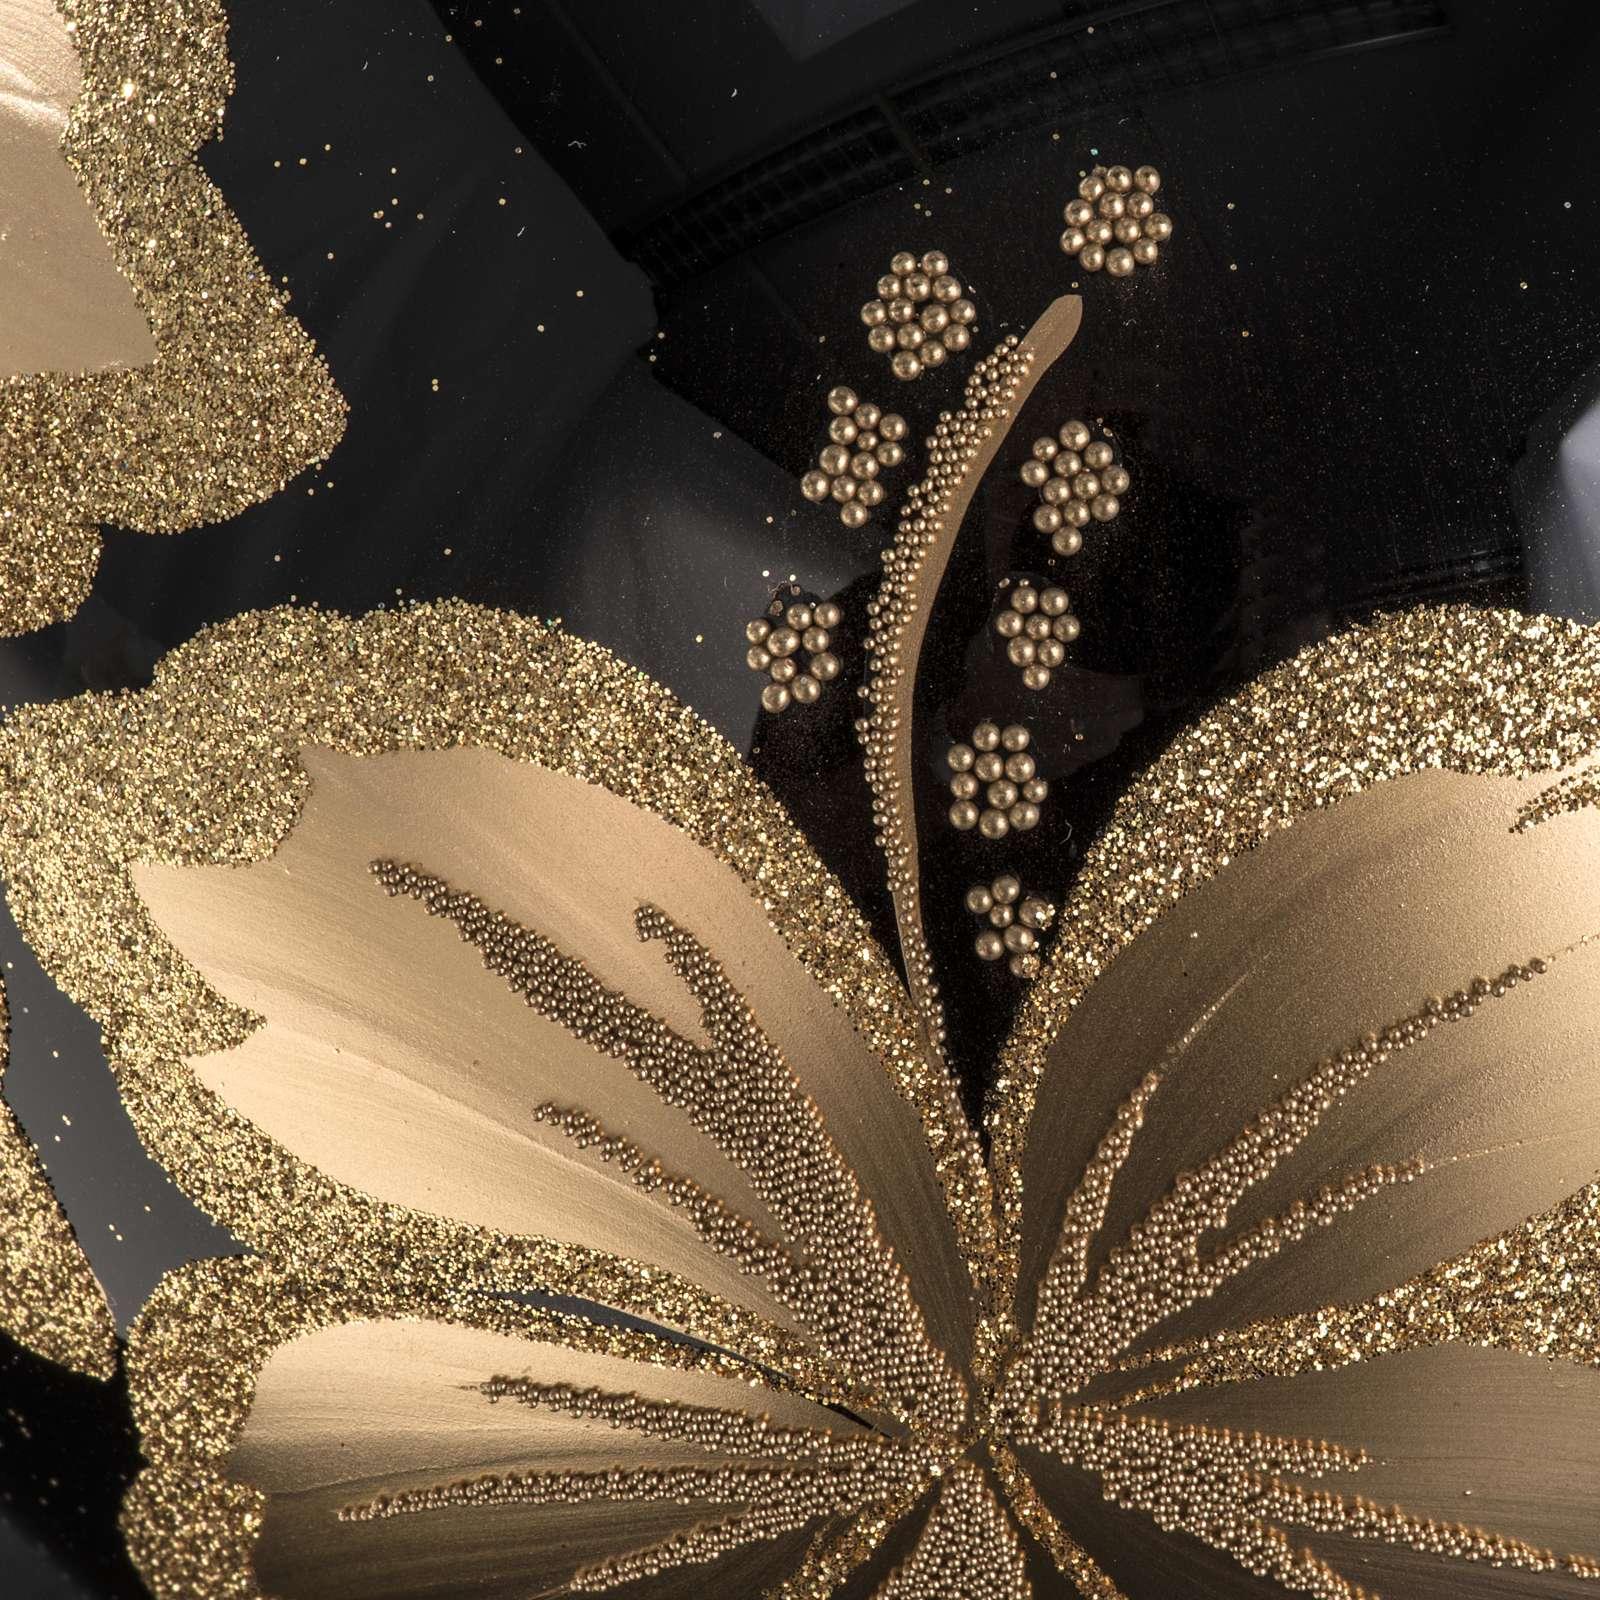 Boule de Noel verre transparente noire fleur dorée 15cm 4